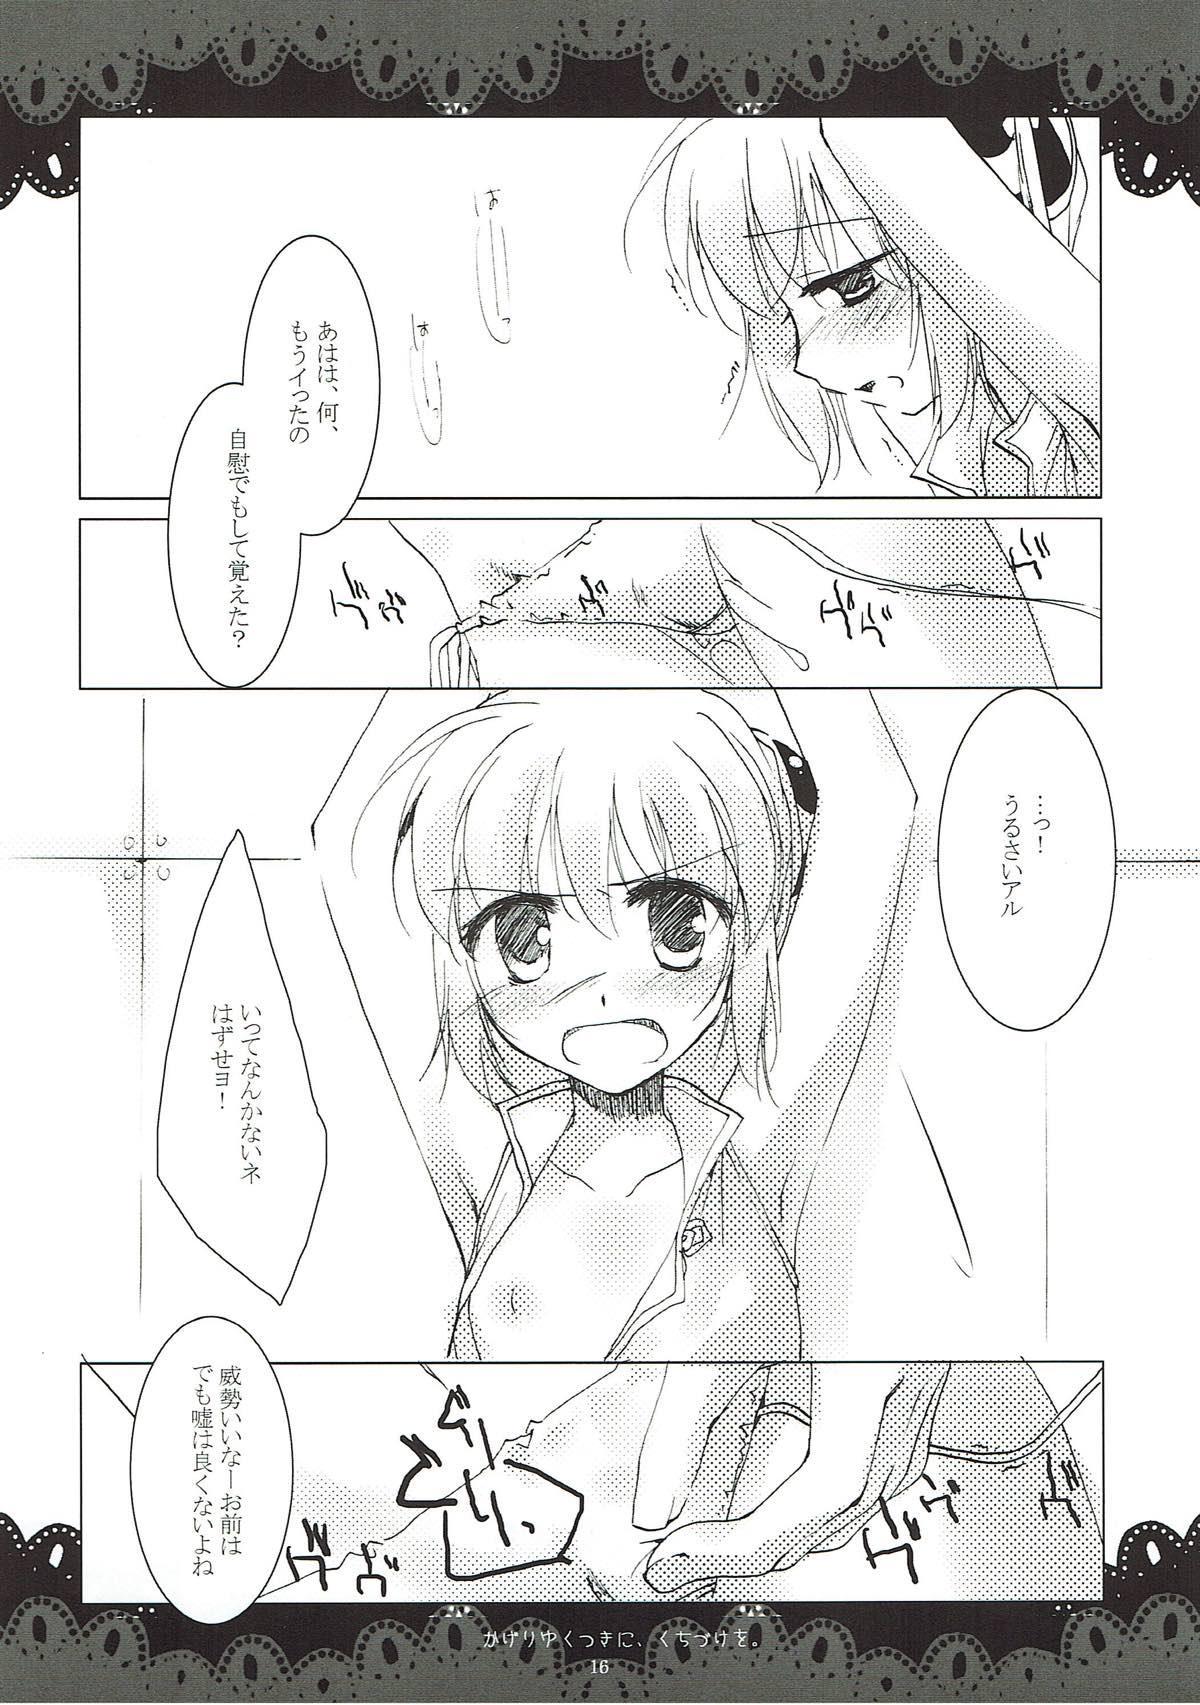 Kageriyuku Tsuki ni, Kuchizuke o. 13